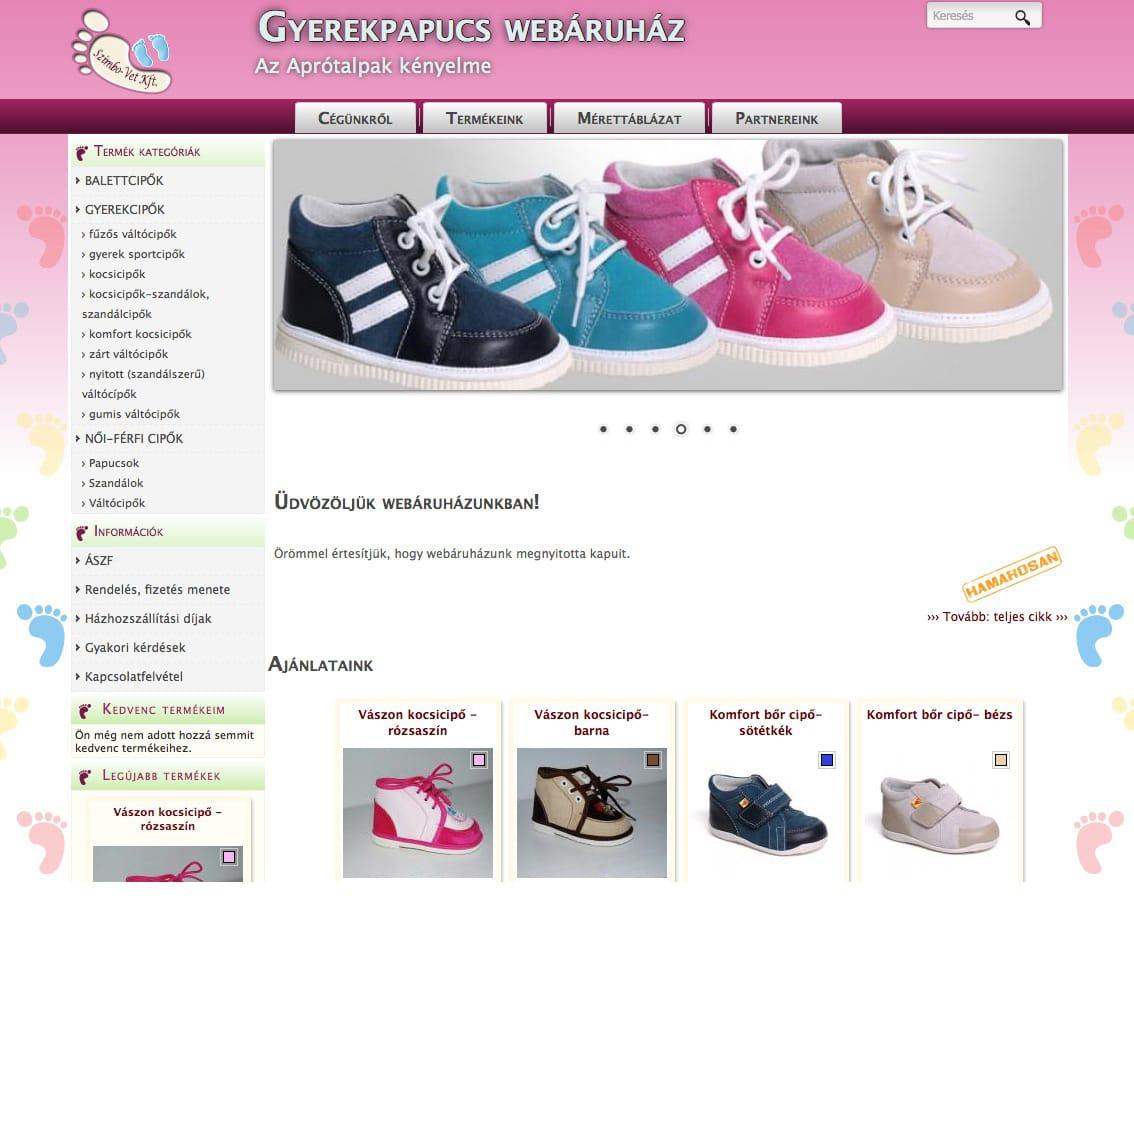 82d2683a8161 Gyerek papucs és cipő webshop   MiniBolt.hu webáruház készítés